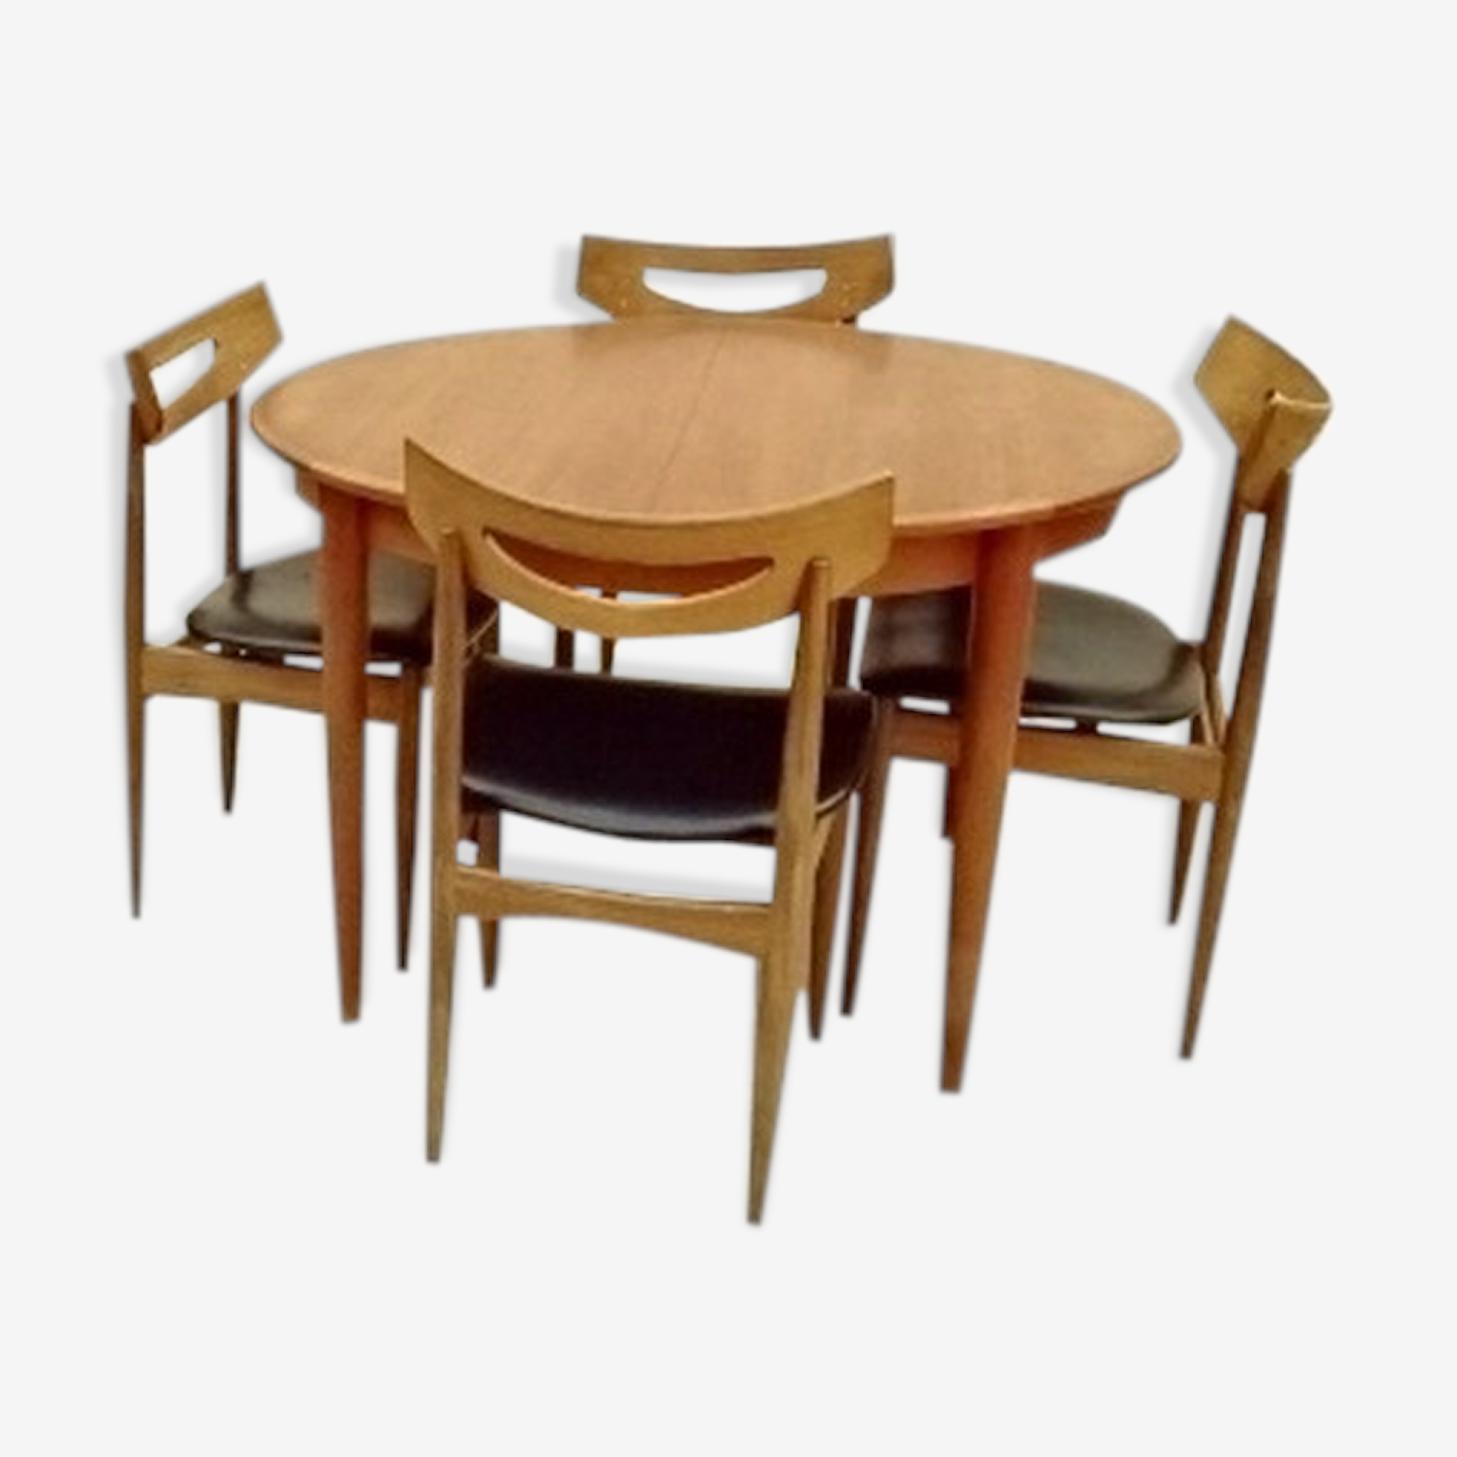 Salle A Manger Samcom Table Et Chaises Scandinave Danois Teck 1960